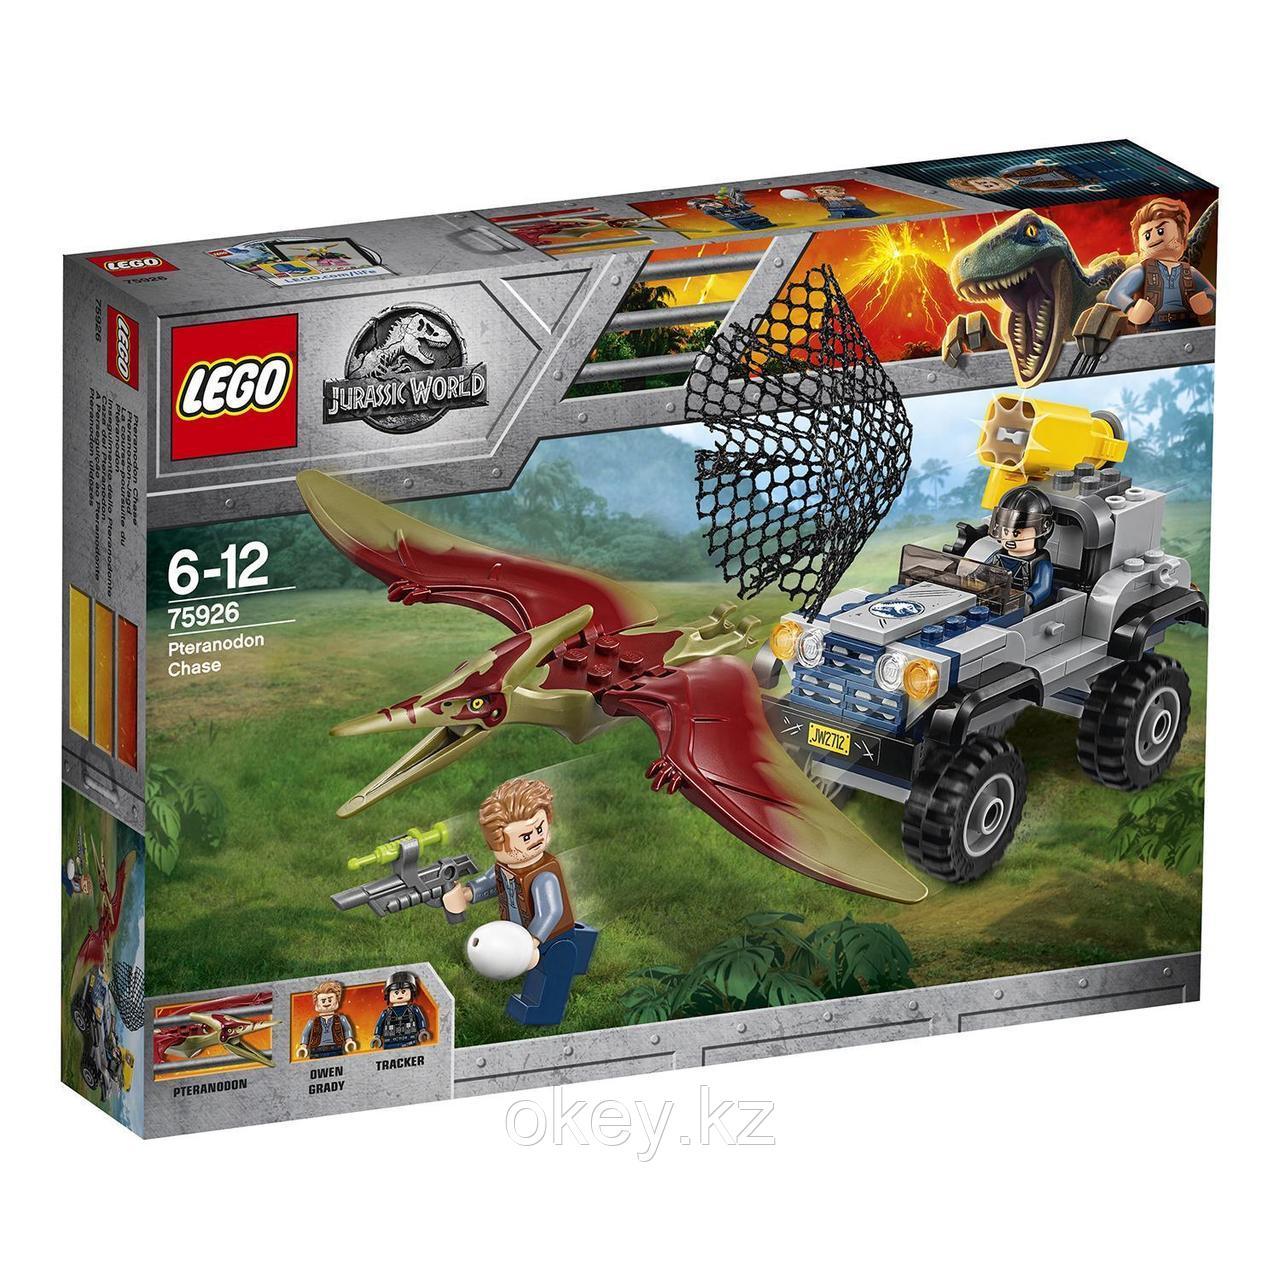 LEGO Jurassic World: Погоня за птеранодоном 75926